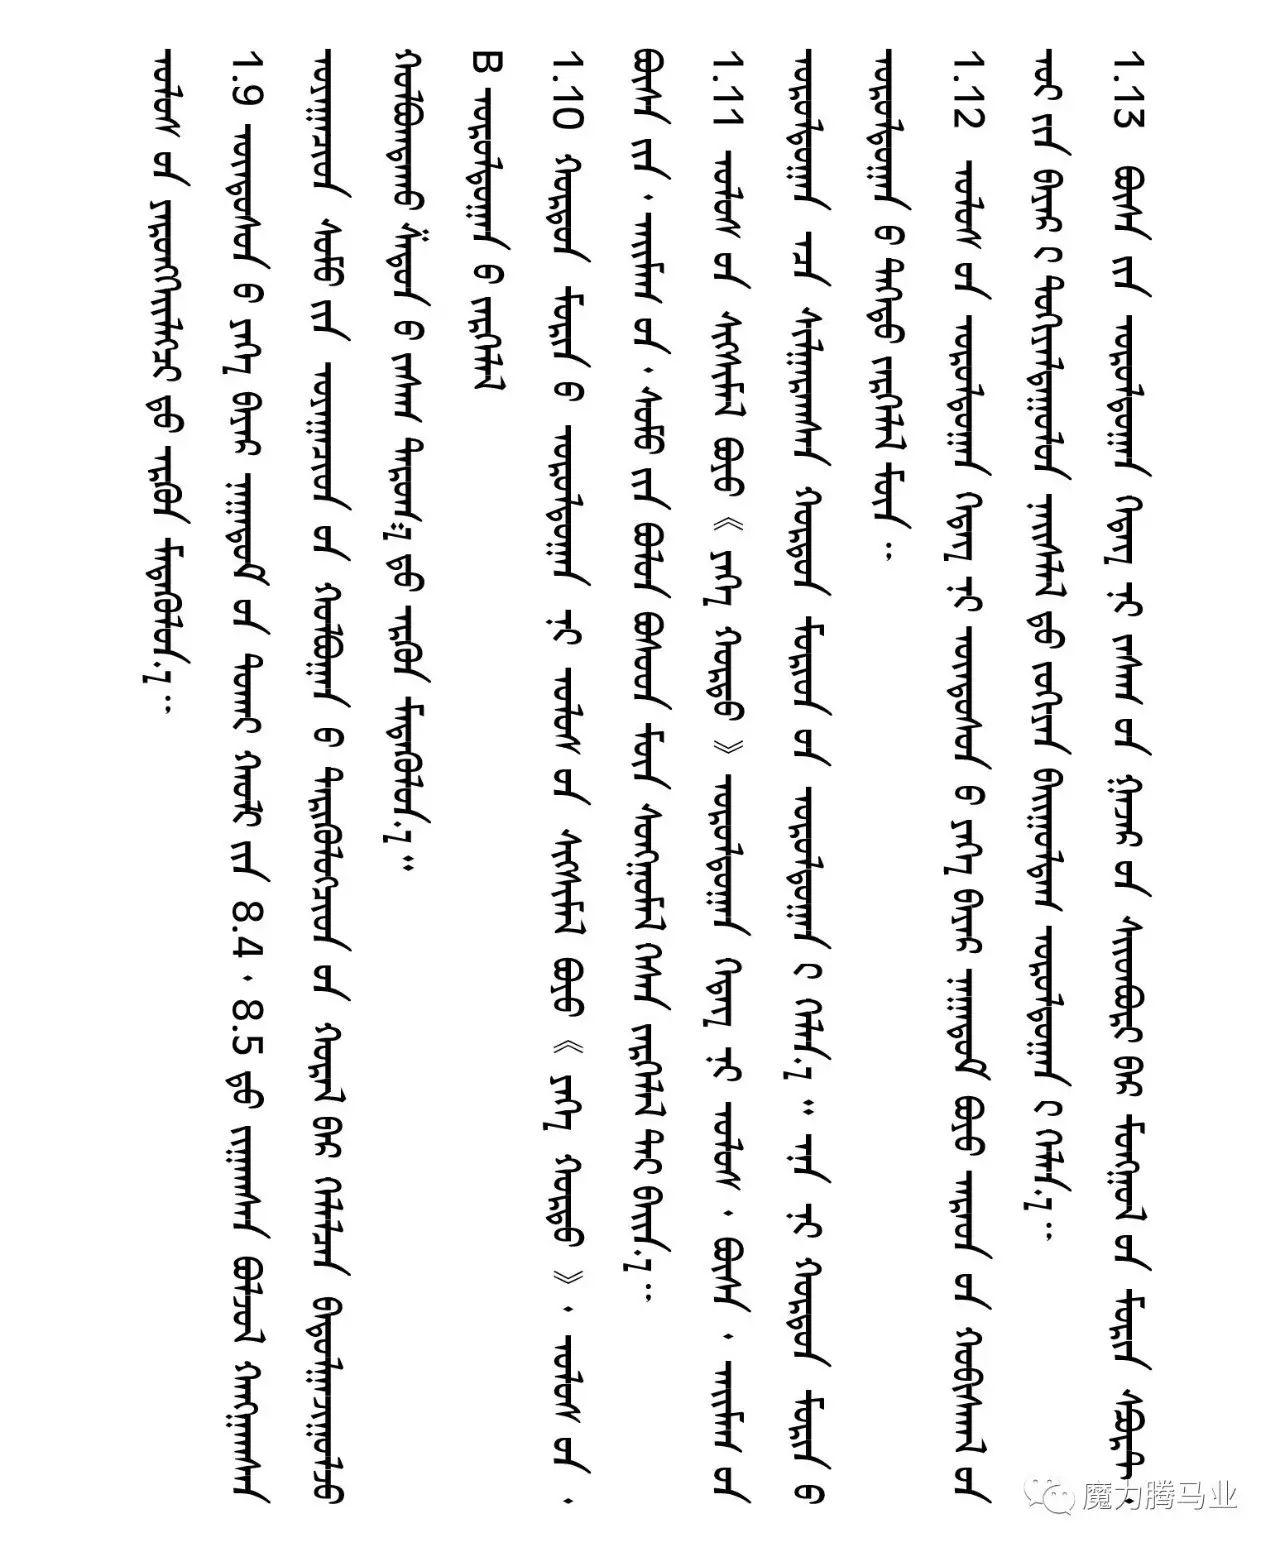 蒙古国赛马章程介绍 第13张 蒙古国赛马章程介绍 蒙古文库